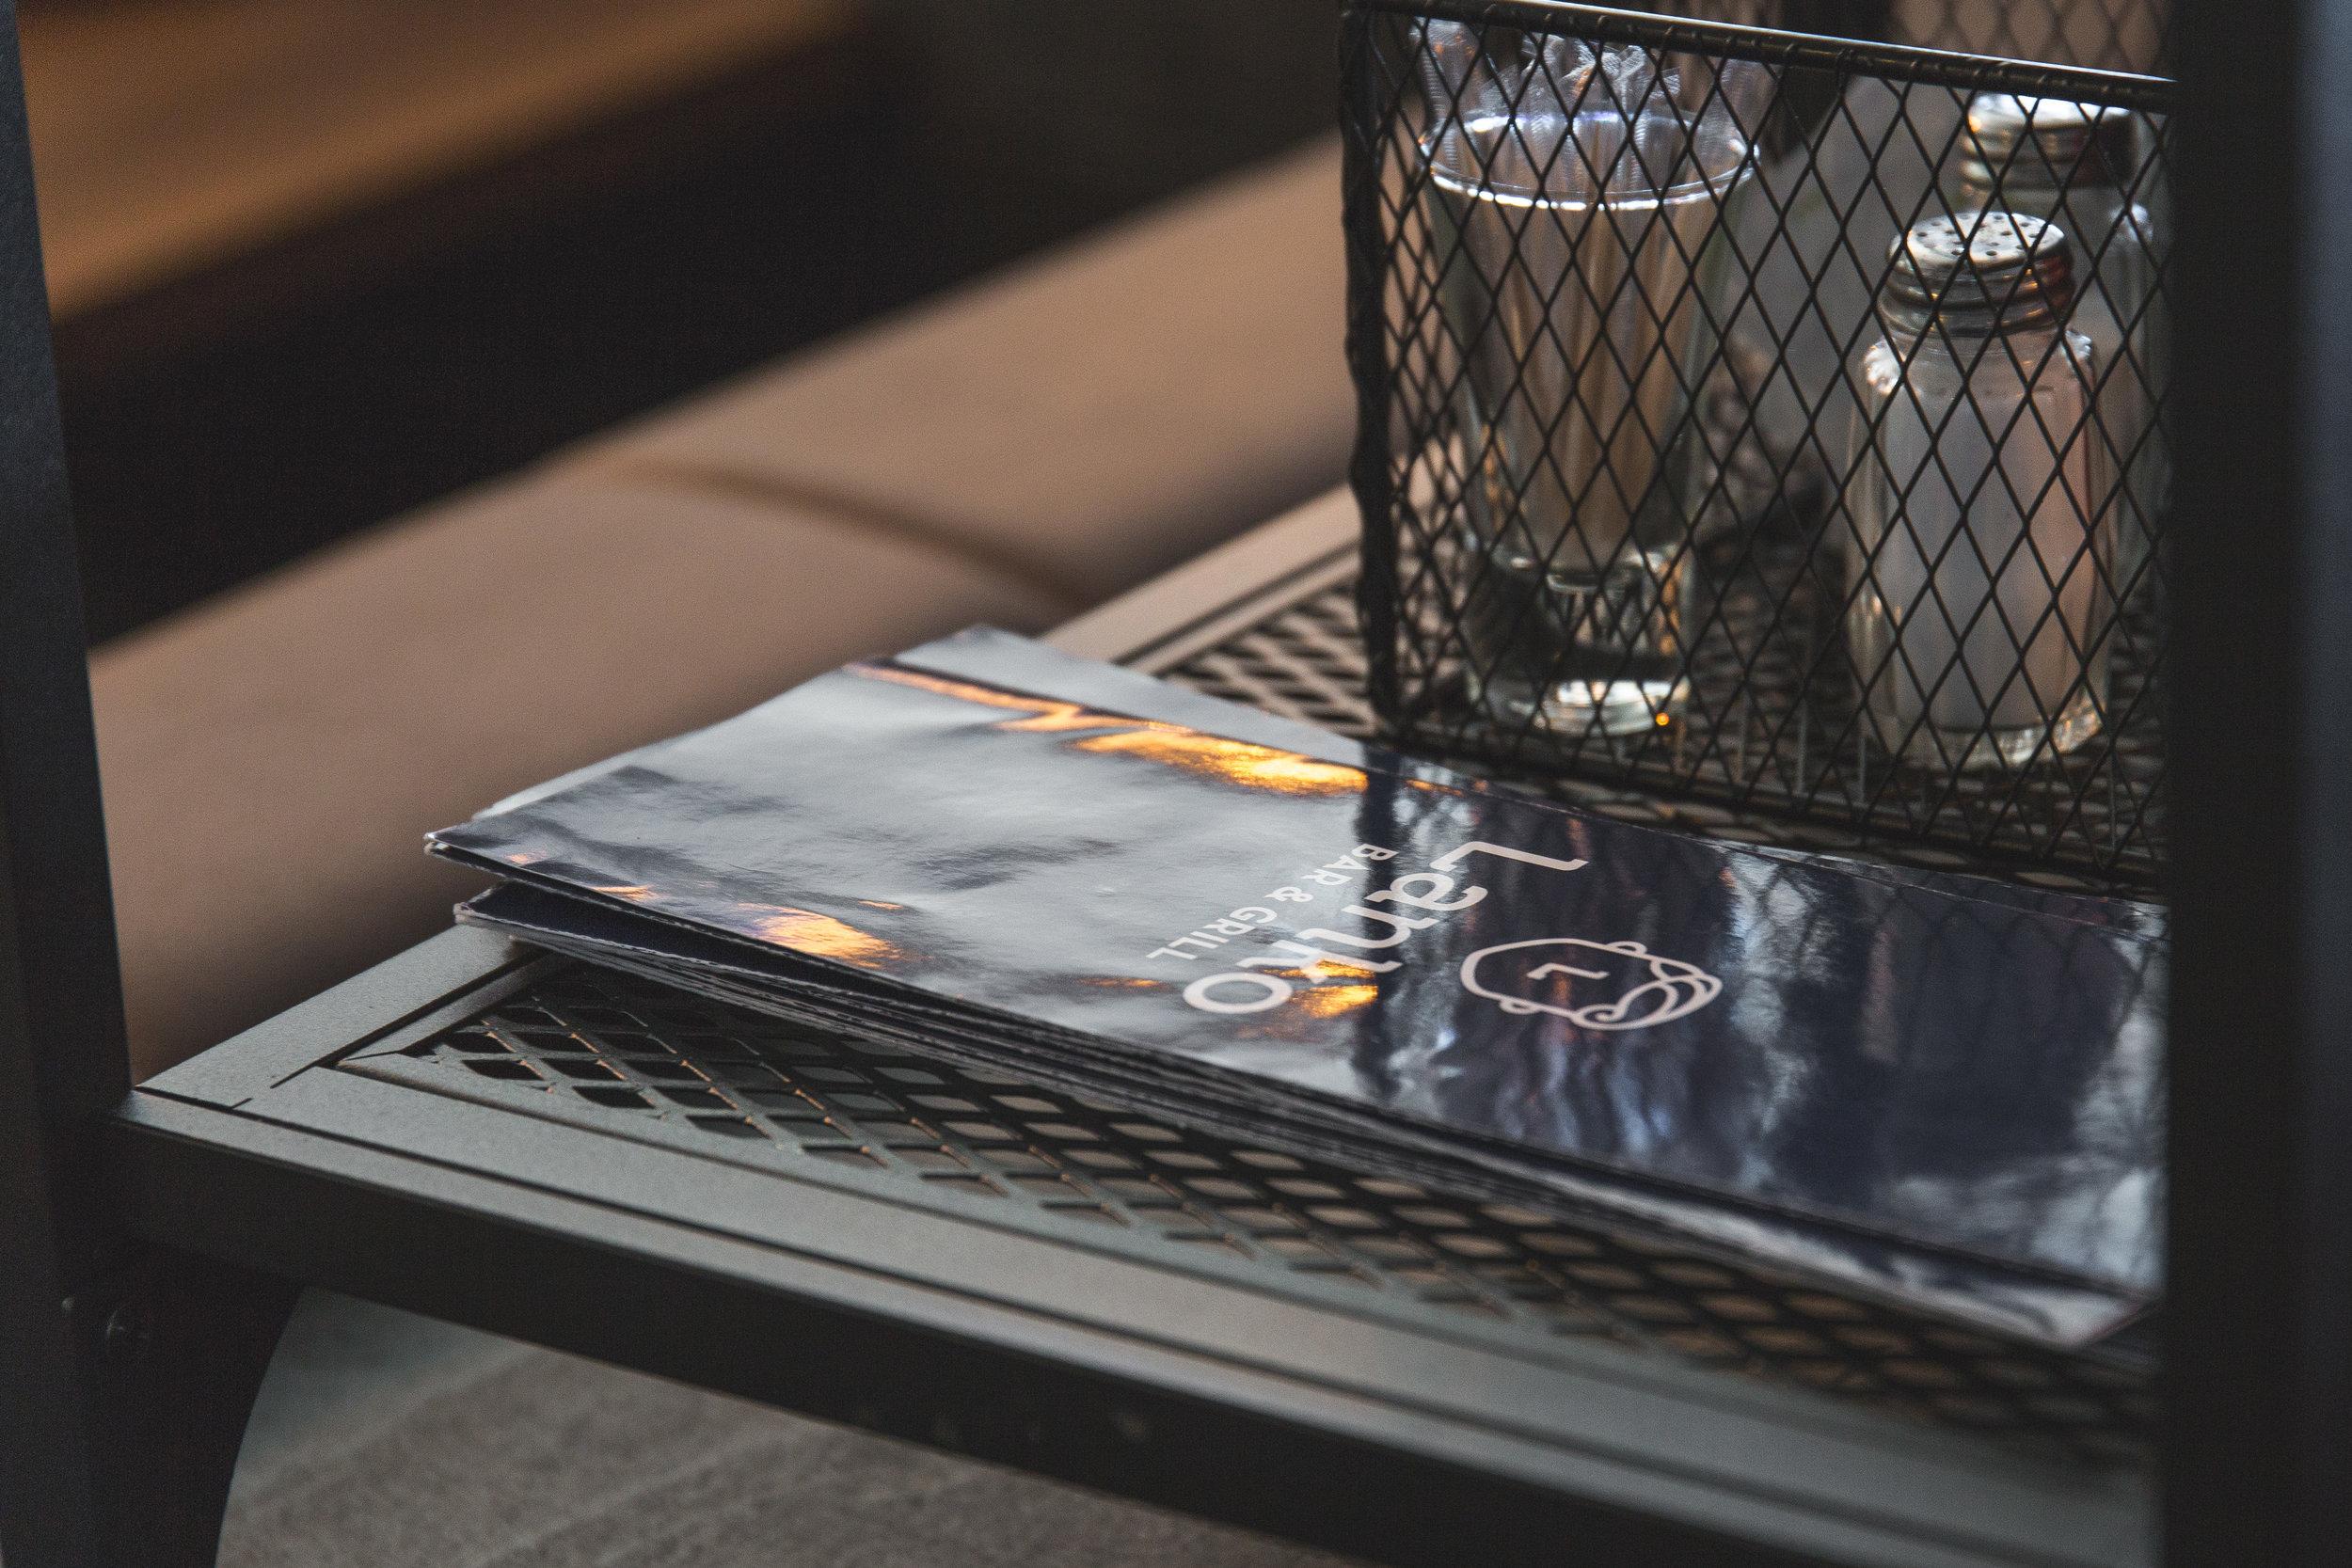 bar grill lanko-ravintola loimaa-7.jpg